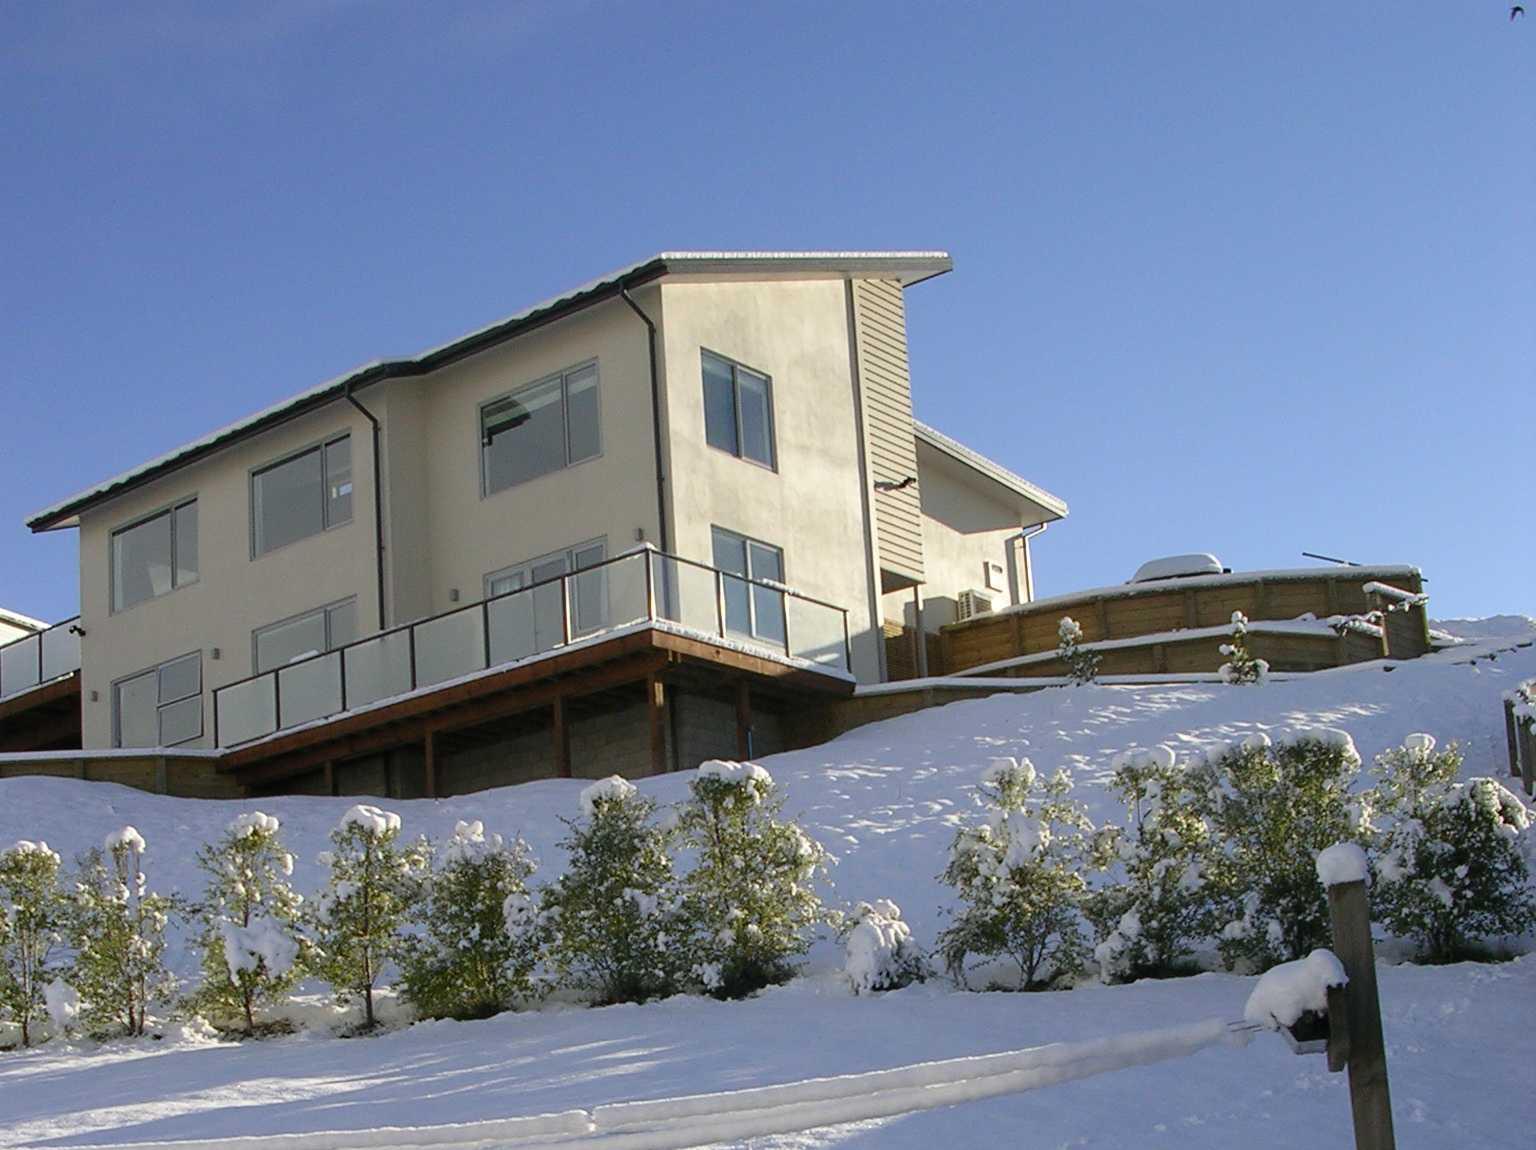 Criffel Peak View B&B and Apartment - Hotell och Boende i Nya Zeeland i Stilla havet och Australien